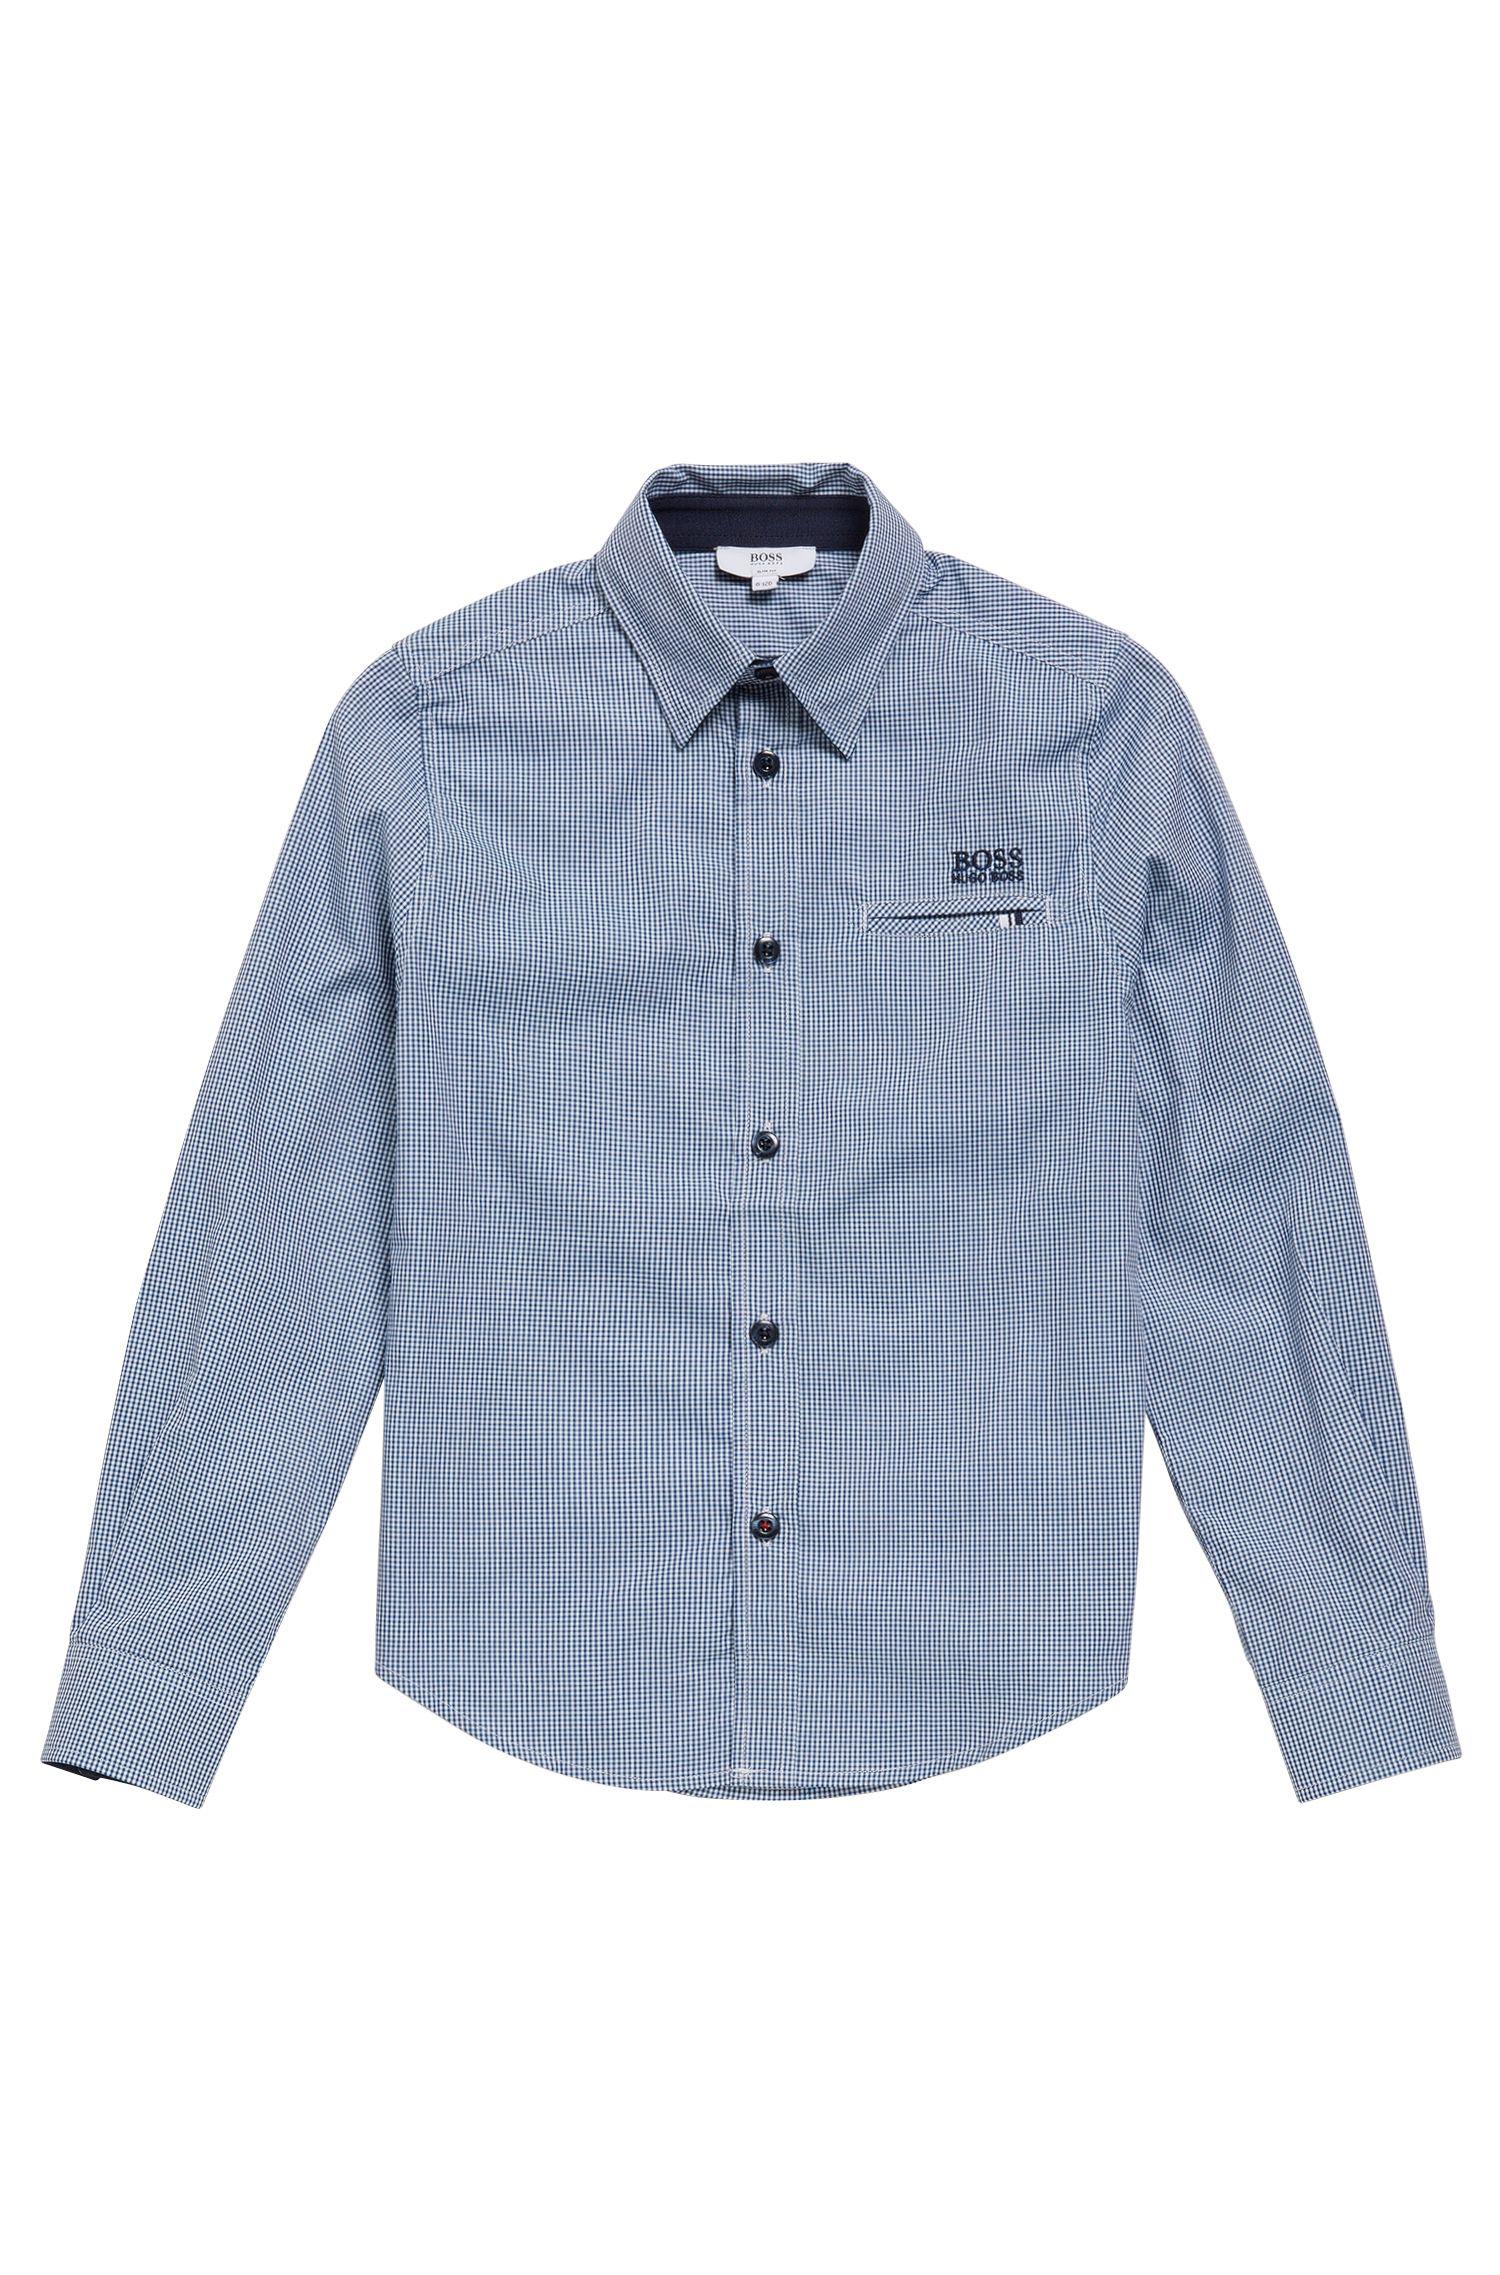 'J25A20' | Boys Cotton Button Down Shirt